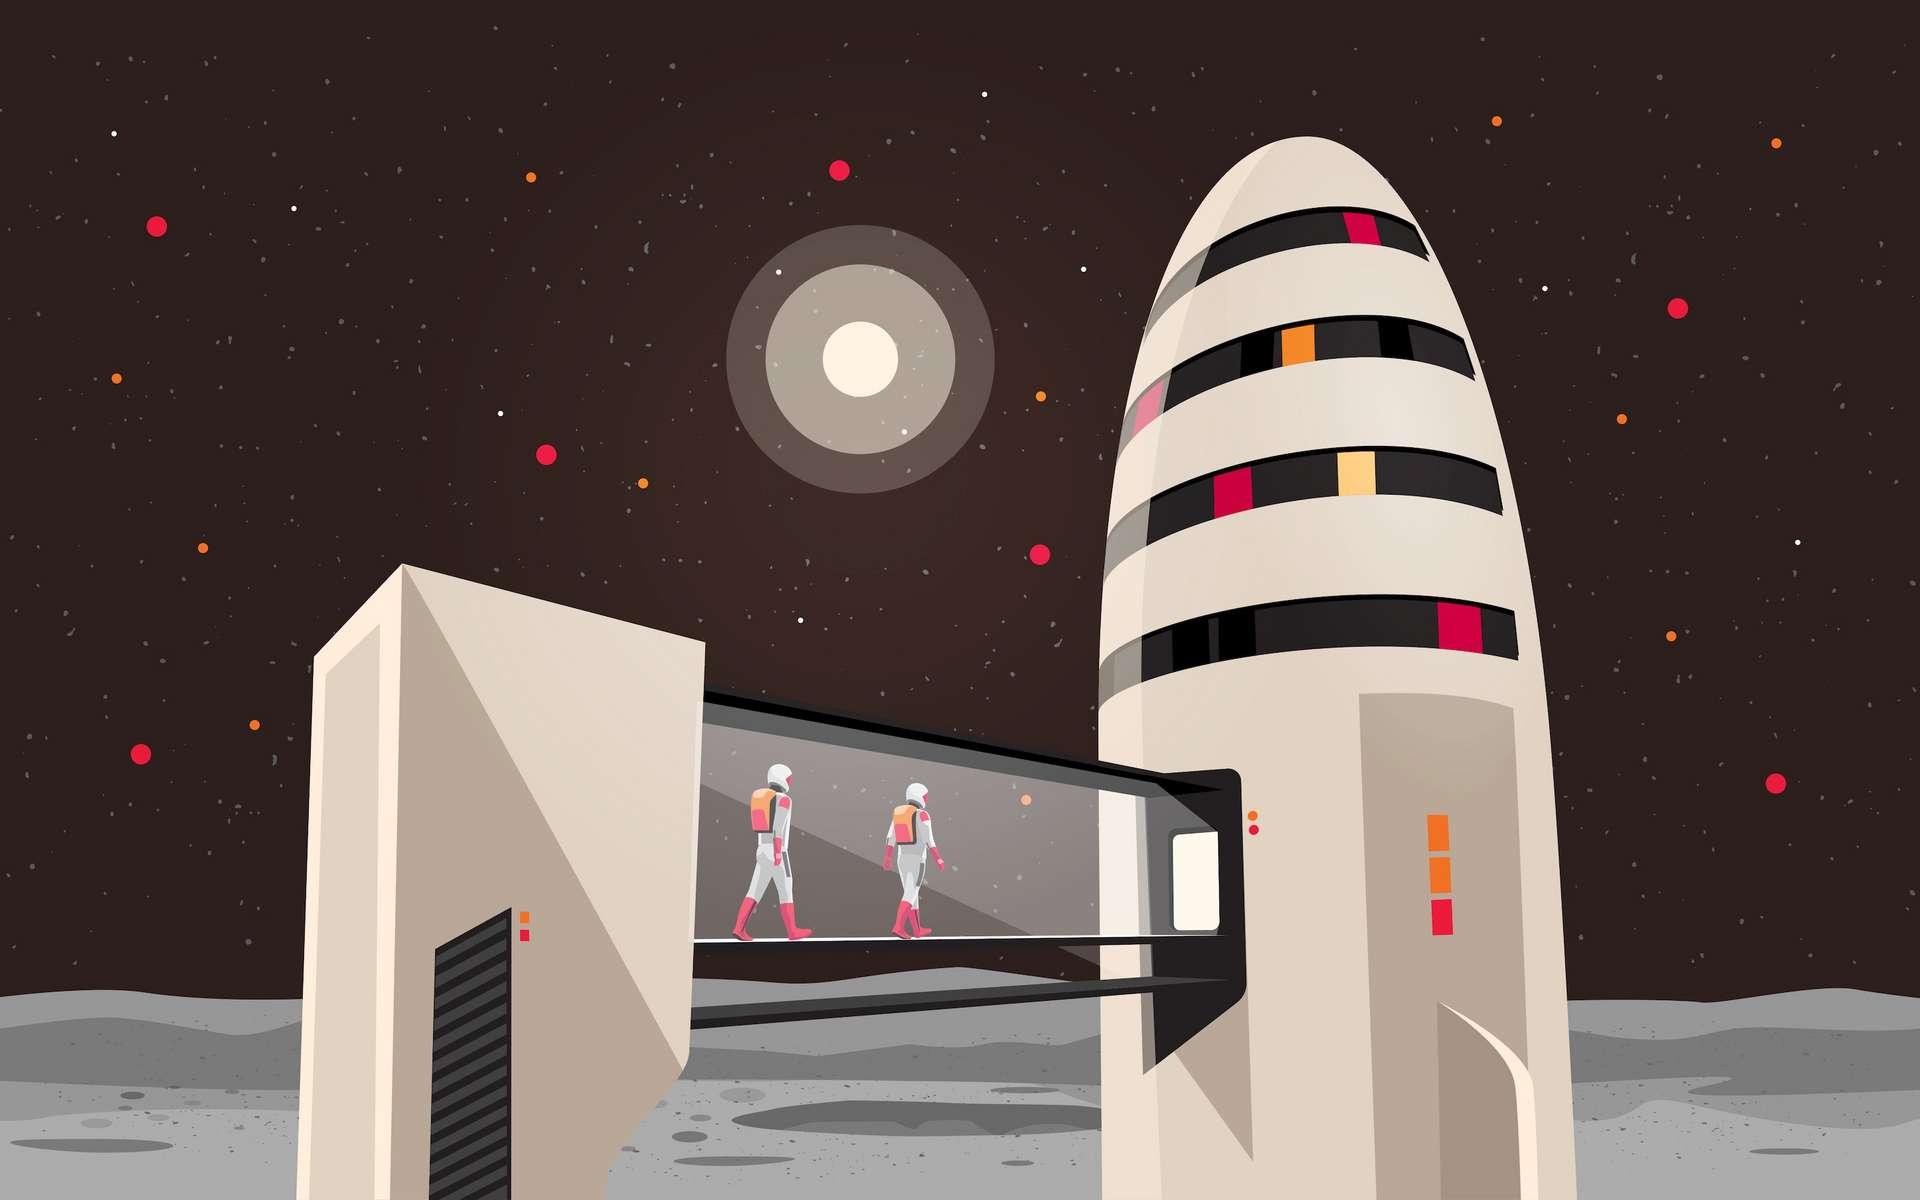 L'année 2021 nous promet de beaux et grands moments d'exploration spatiale. © petovarga, Adobe Stock